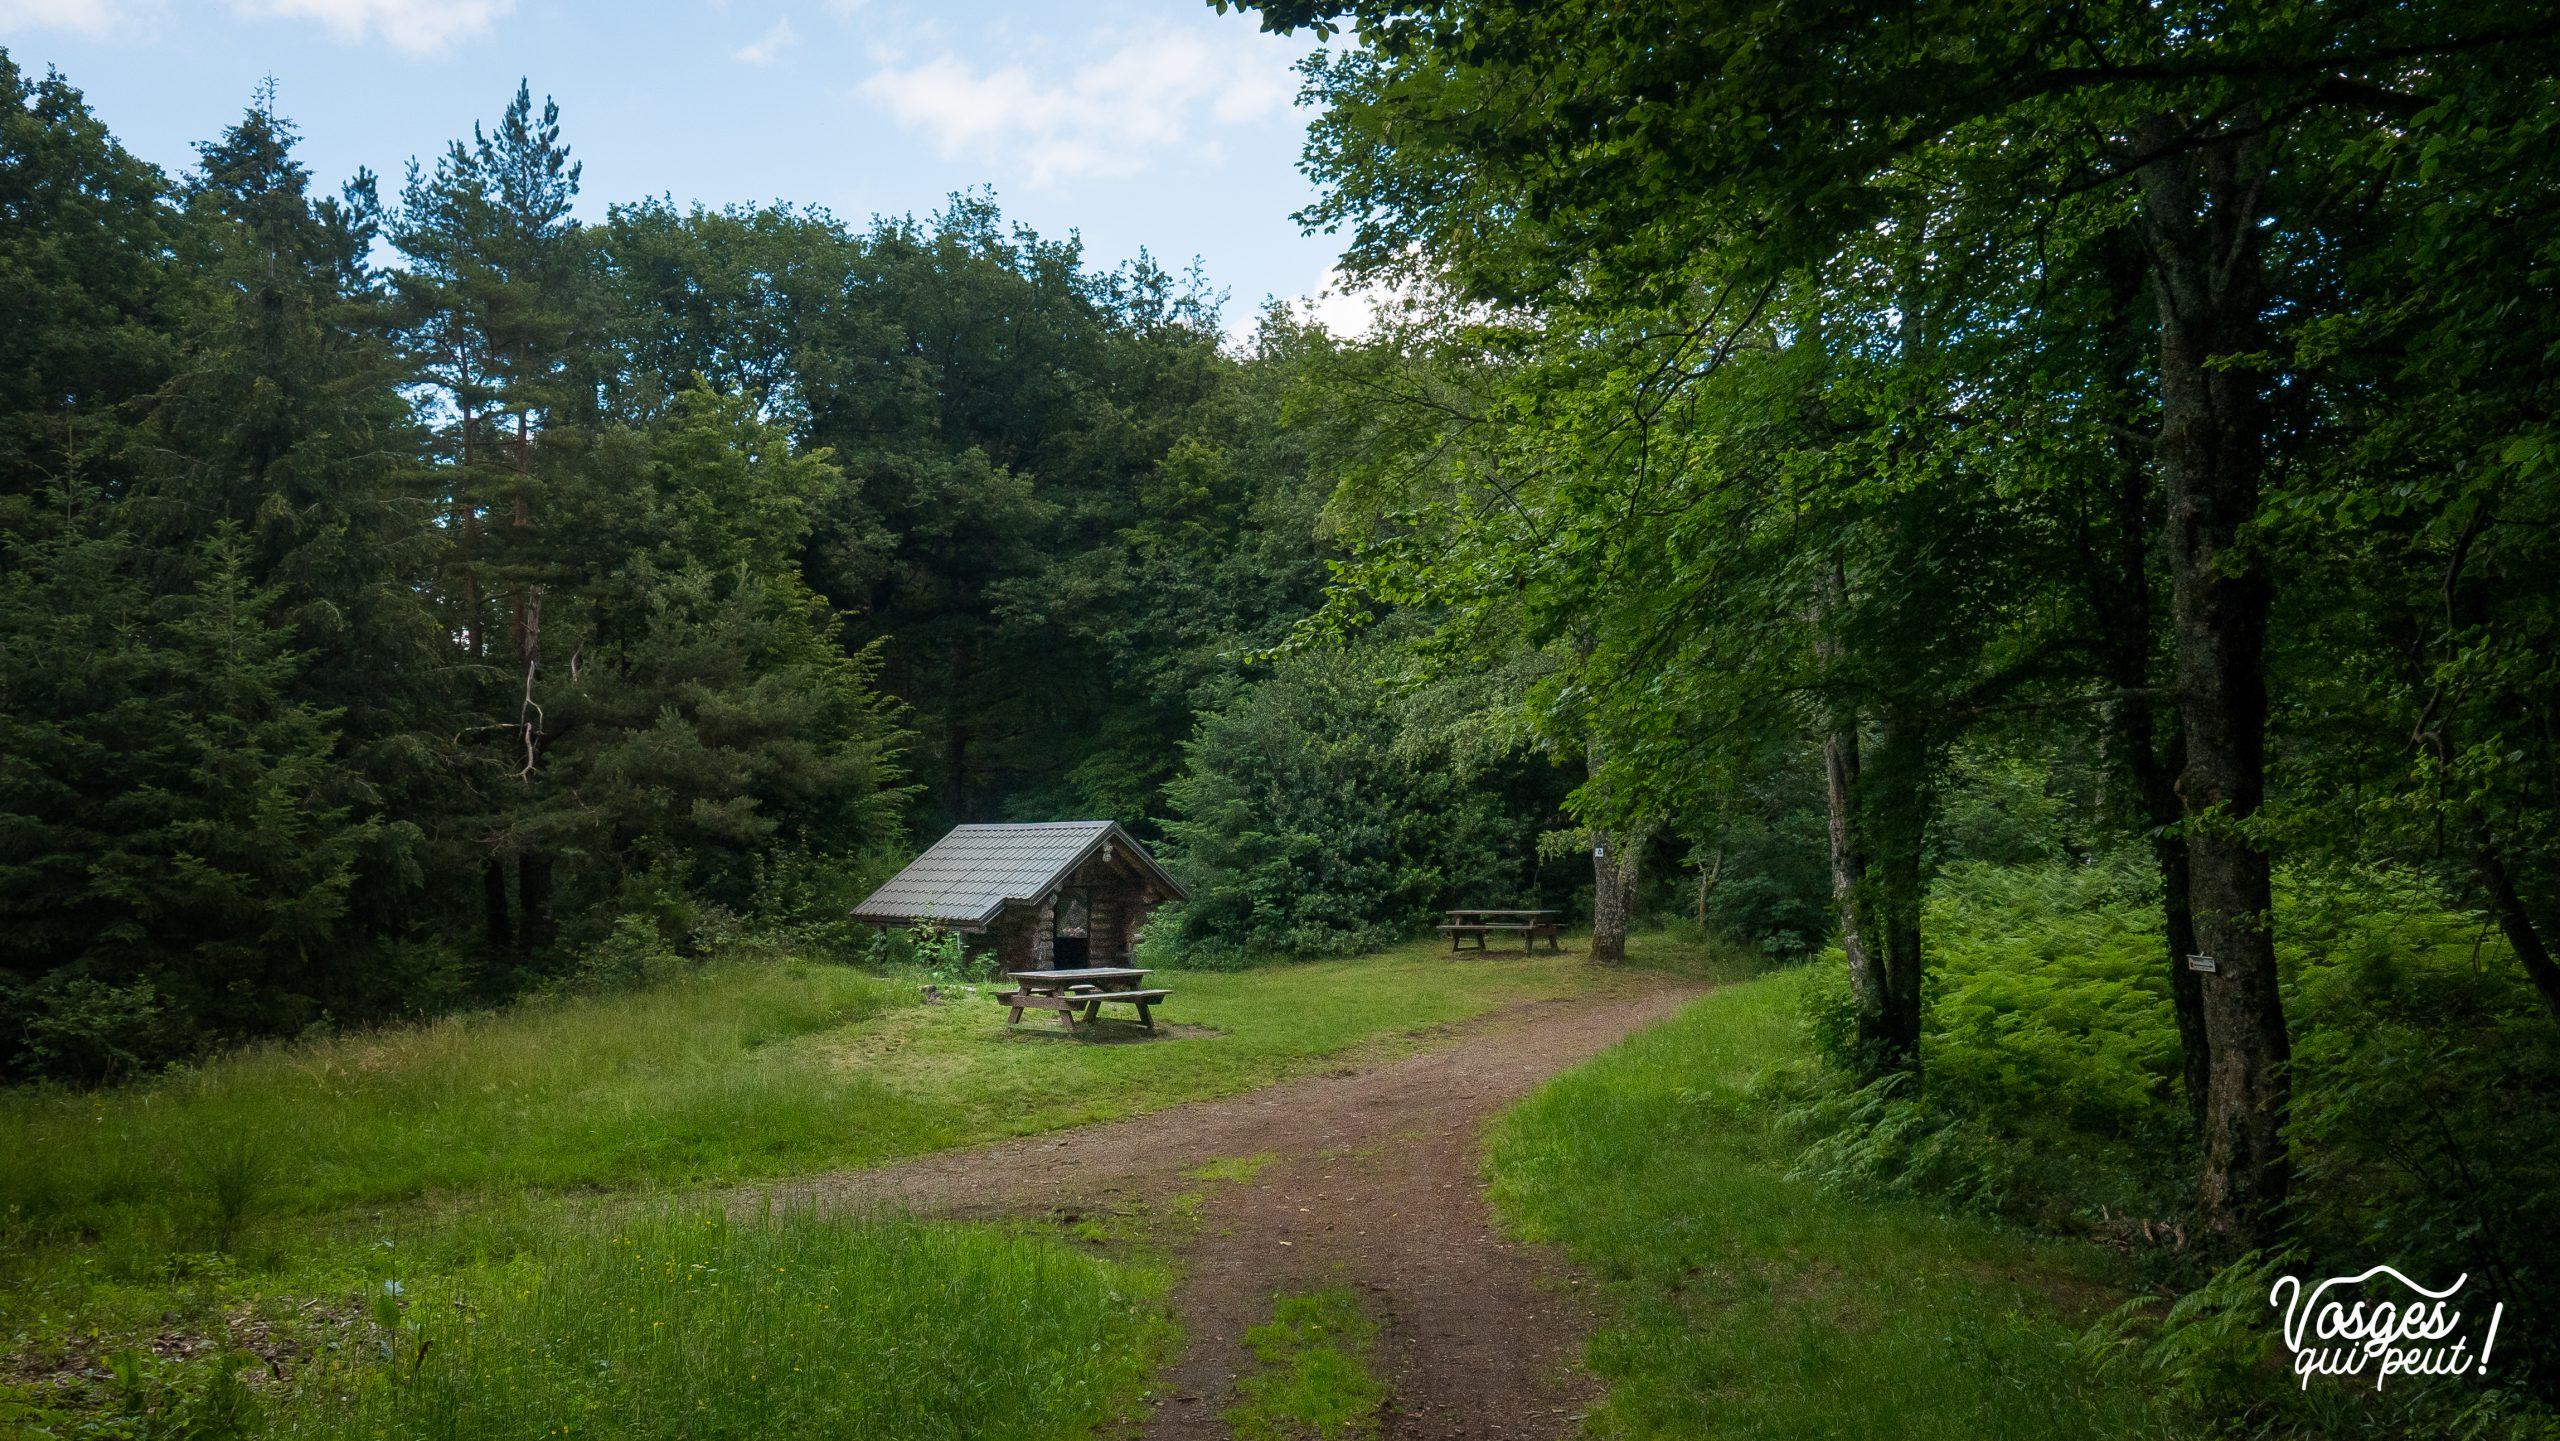 Abri pour randonneurs et tables de pique-nique au col de Peternit dans le Florival à côté de Guebwiller en Alsace